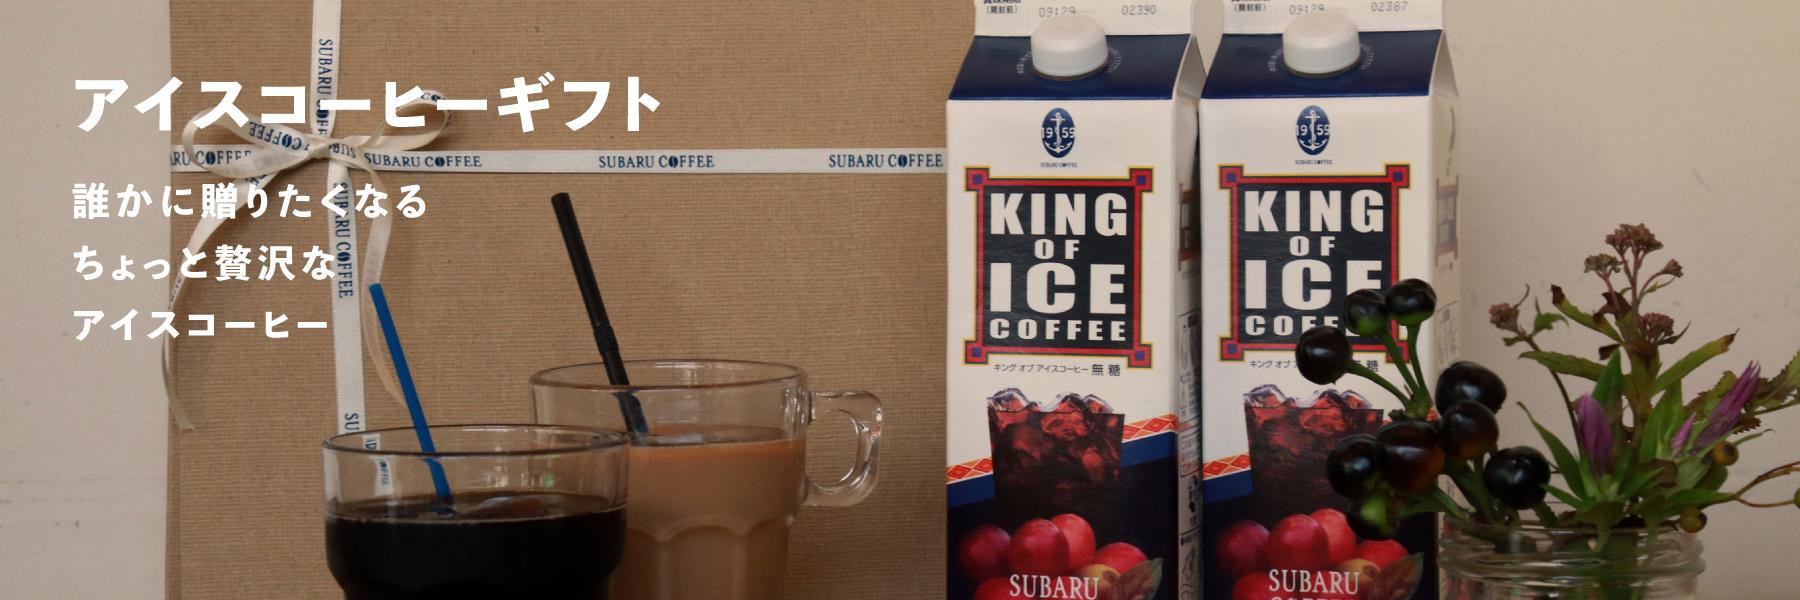 アイスコーヒーギフト 誰かに贈りたくなるちょっと贅沢なアイスコーヒー